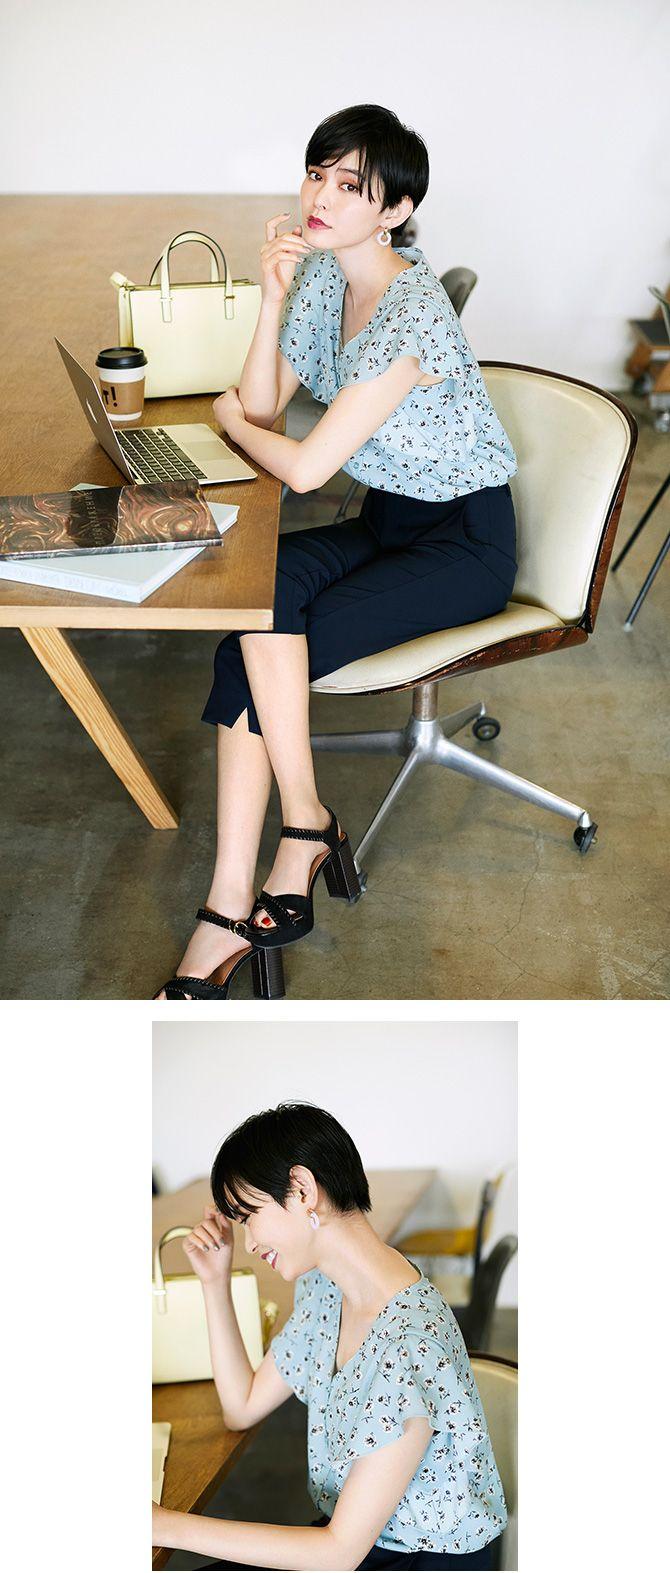 gu ジーユー gu通勤 きれいめol参上 トレンドファッション 最新ファッション トレンド